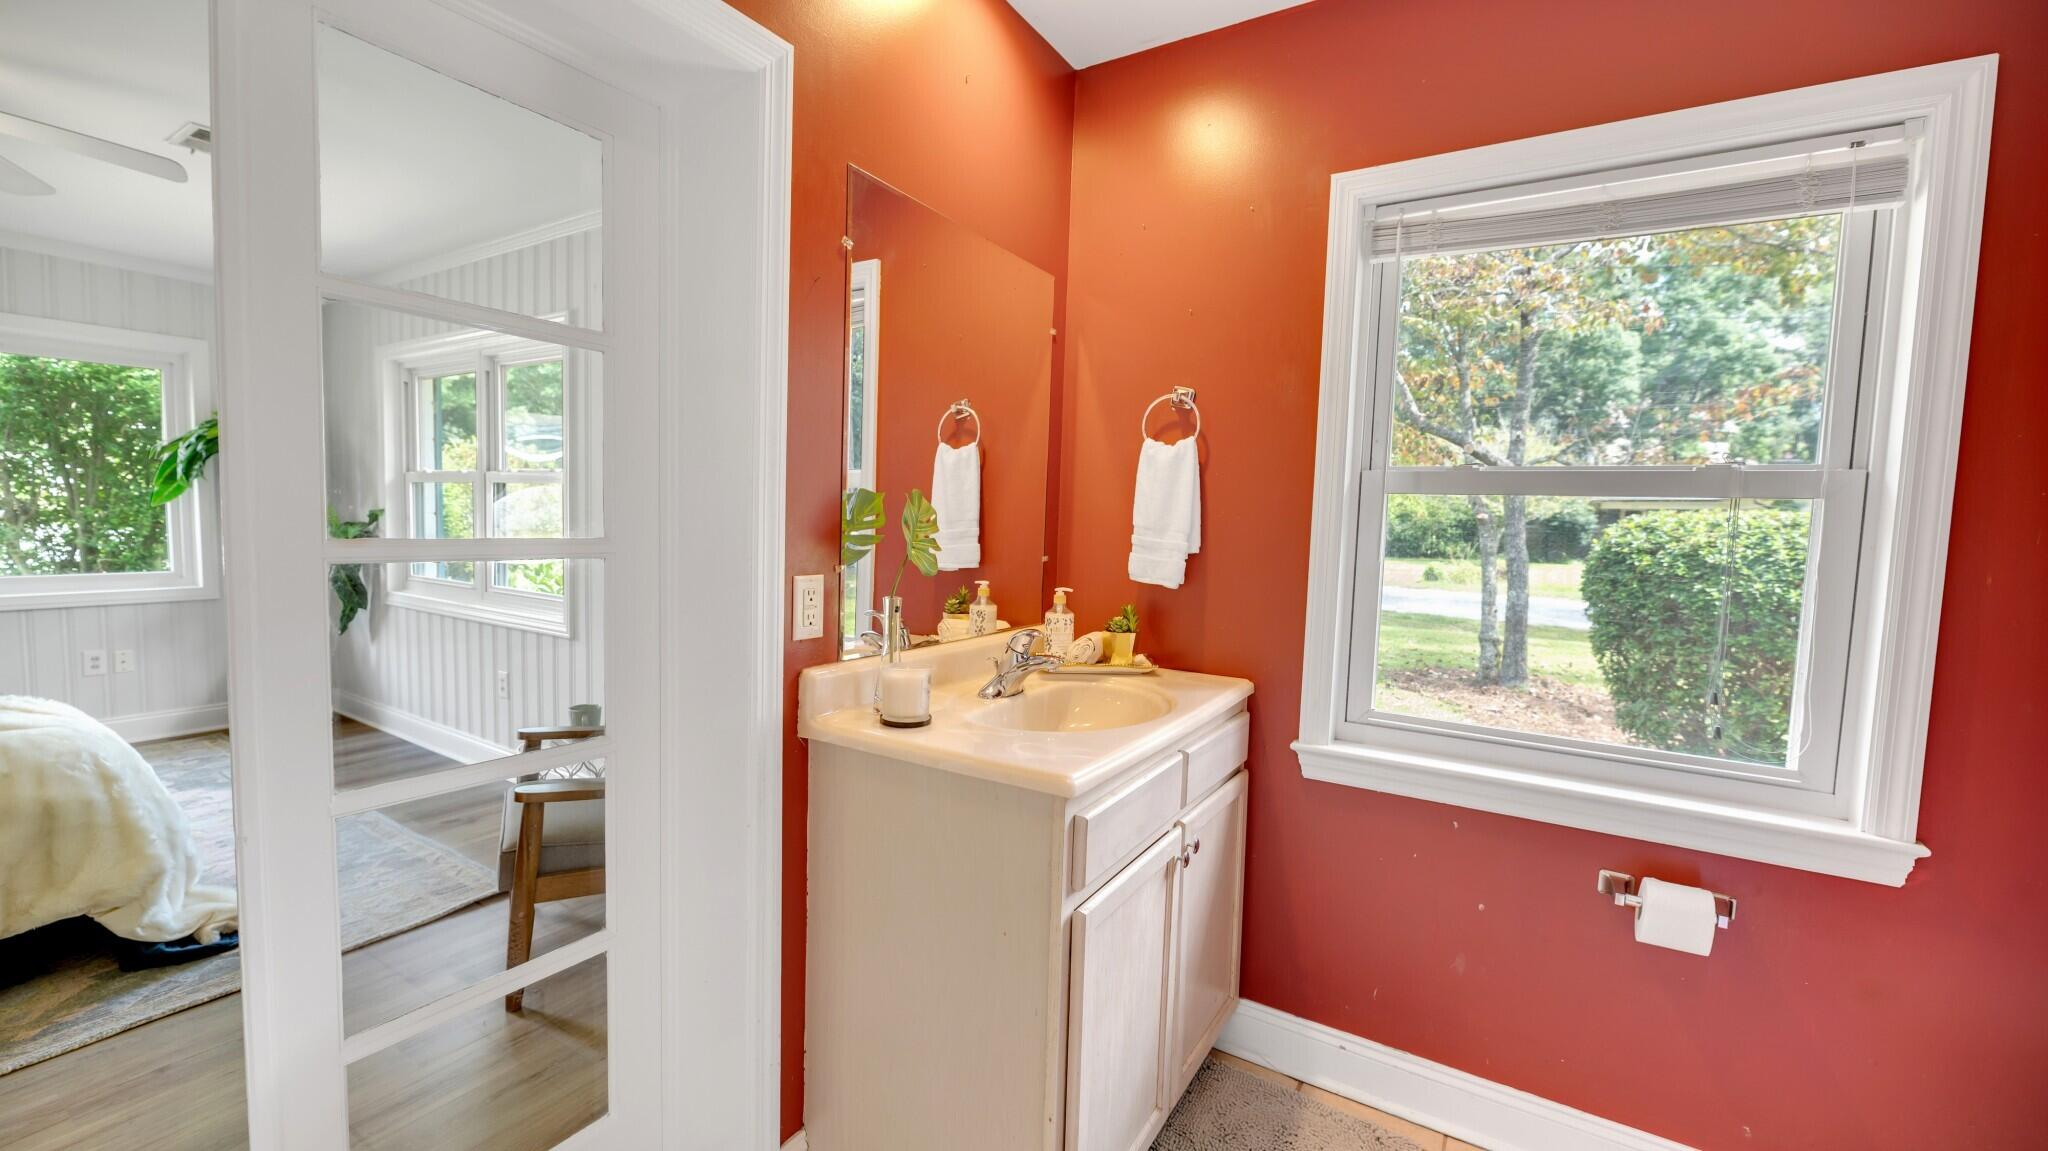 Camp Road Estates Homes For Sale - 825 Hale, Charleston, SC - 3